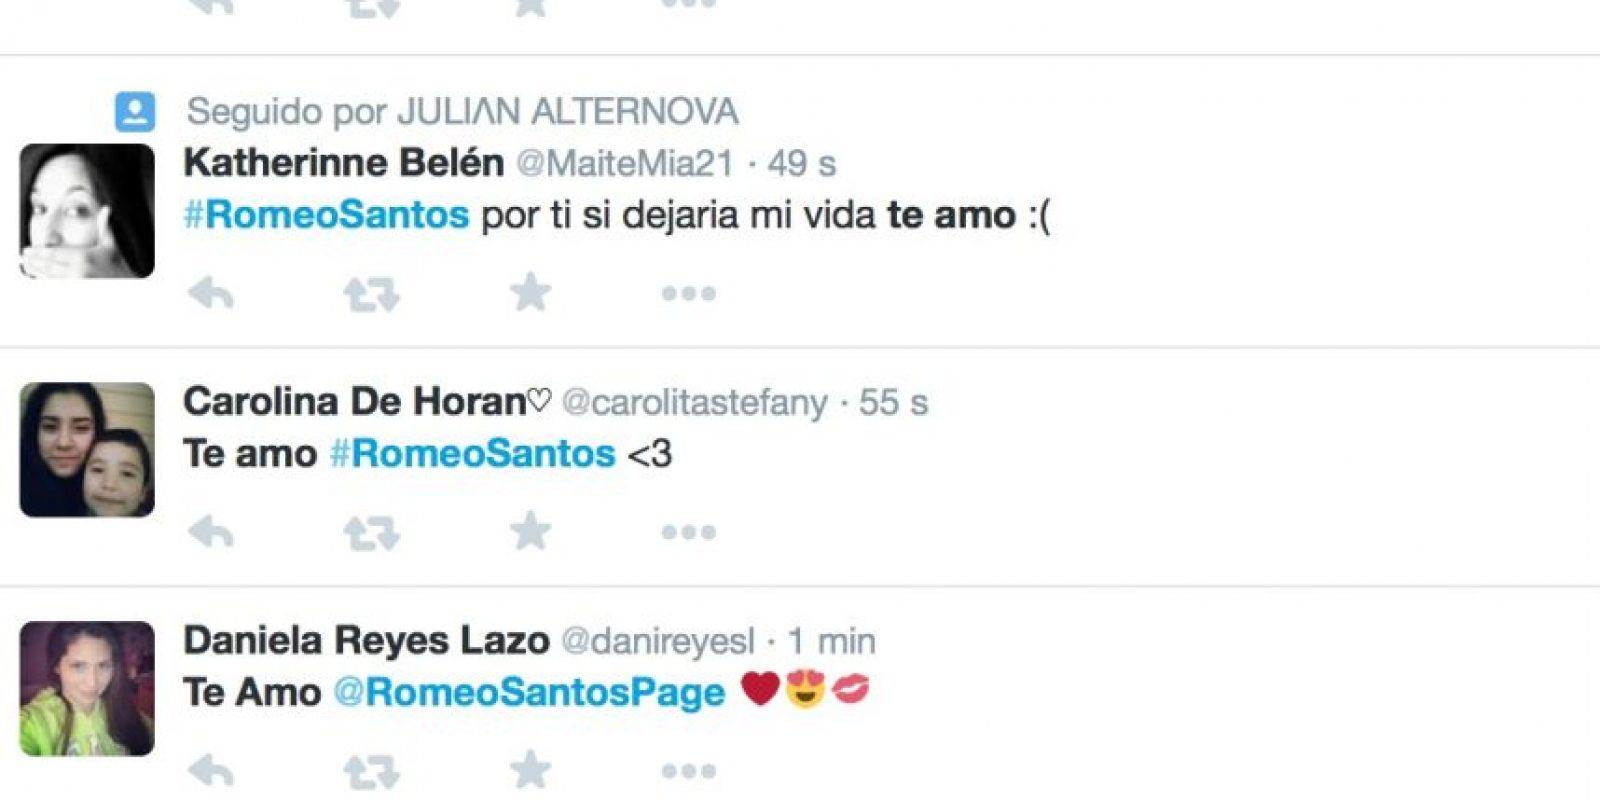 Romeo Santos tiene quien lo quiera: sus miles de fans apasionadas que postean fotos admirándole. Le esperan afuera y le agradecen por existir. Foto:Twitter